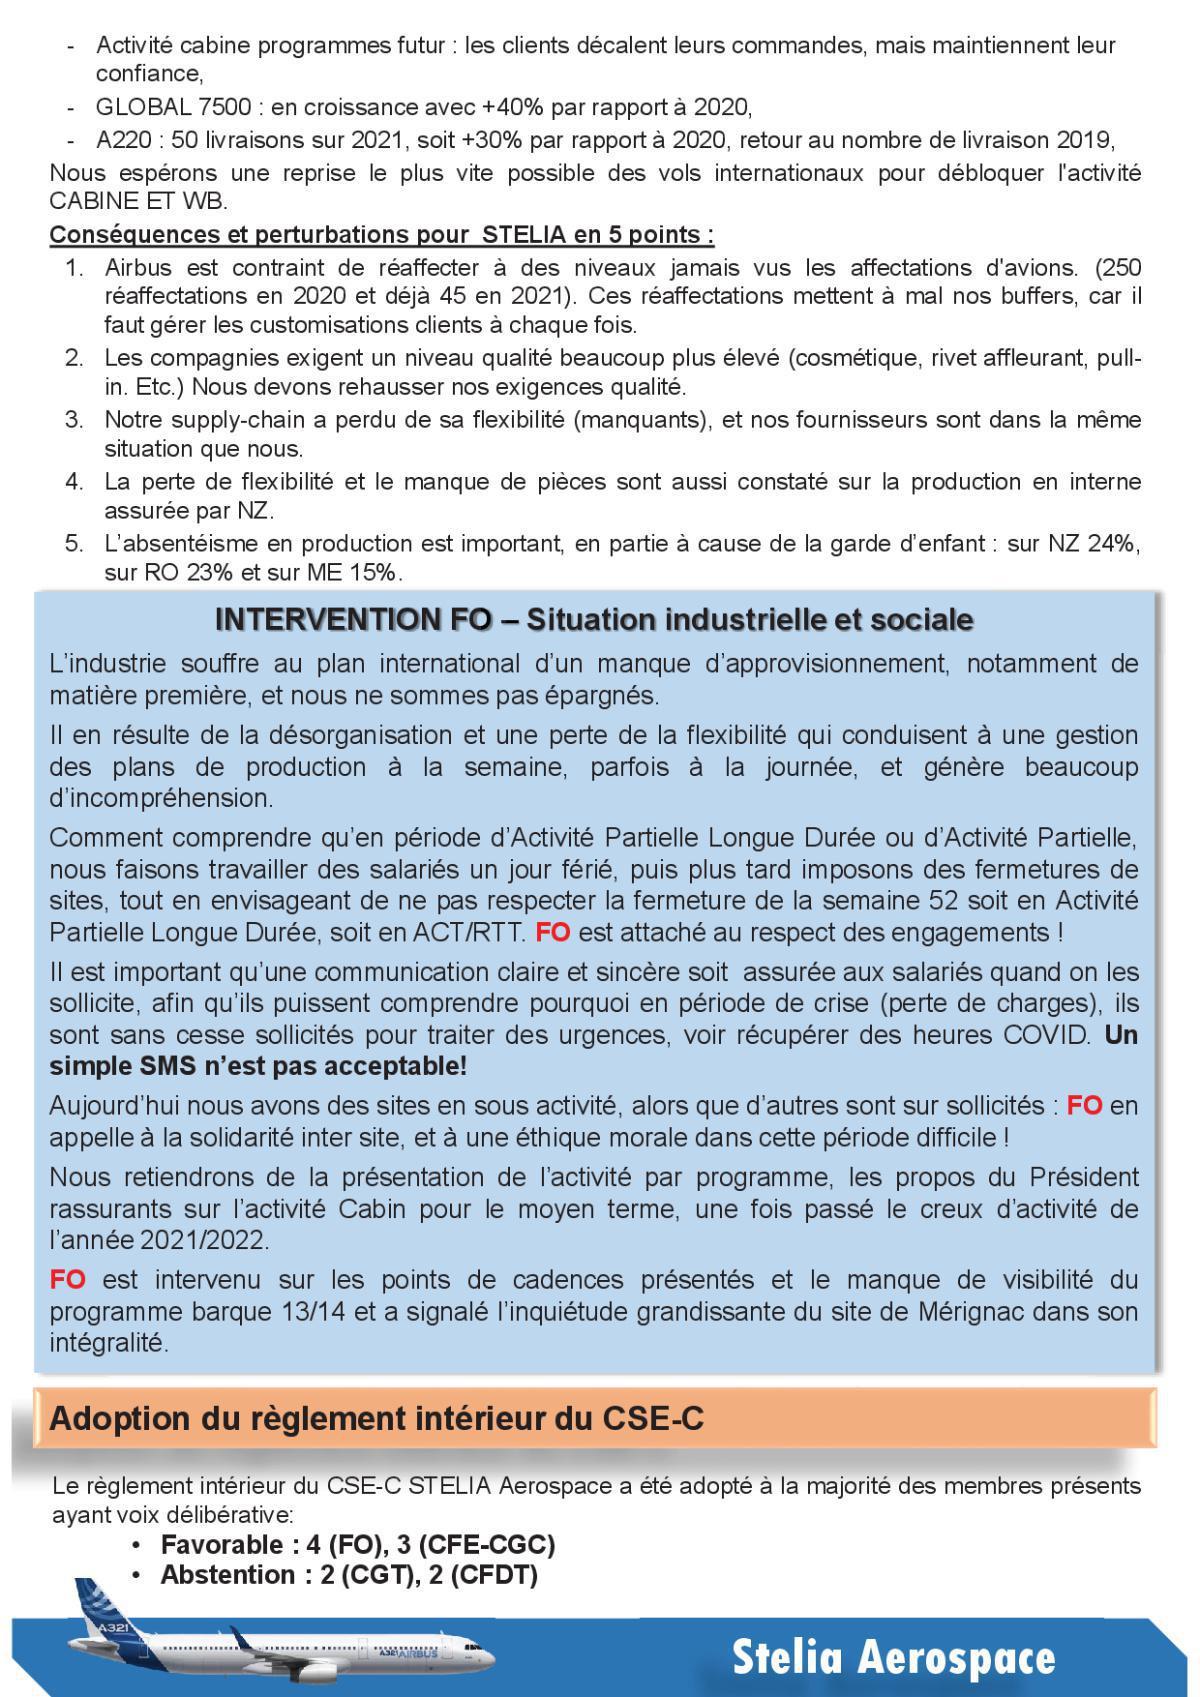 Compte Rendu succinct CSE-C du 14 avril 2021